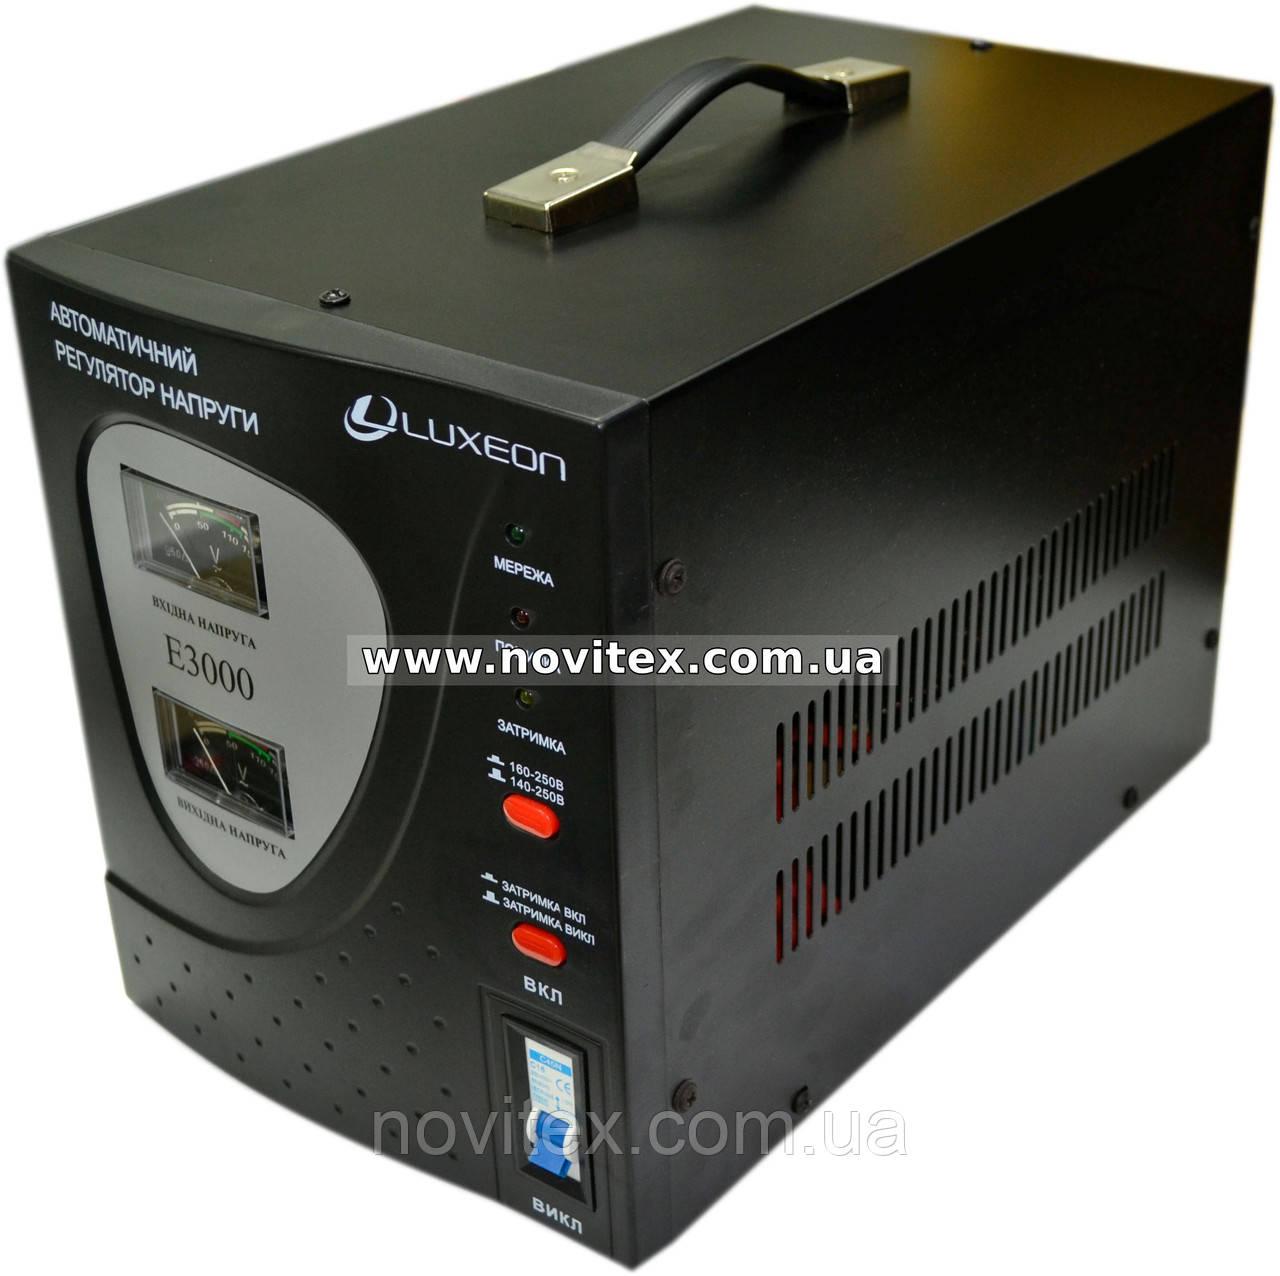 Стабилизатор Luxeon E3000VA (1800Вт)